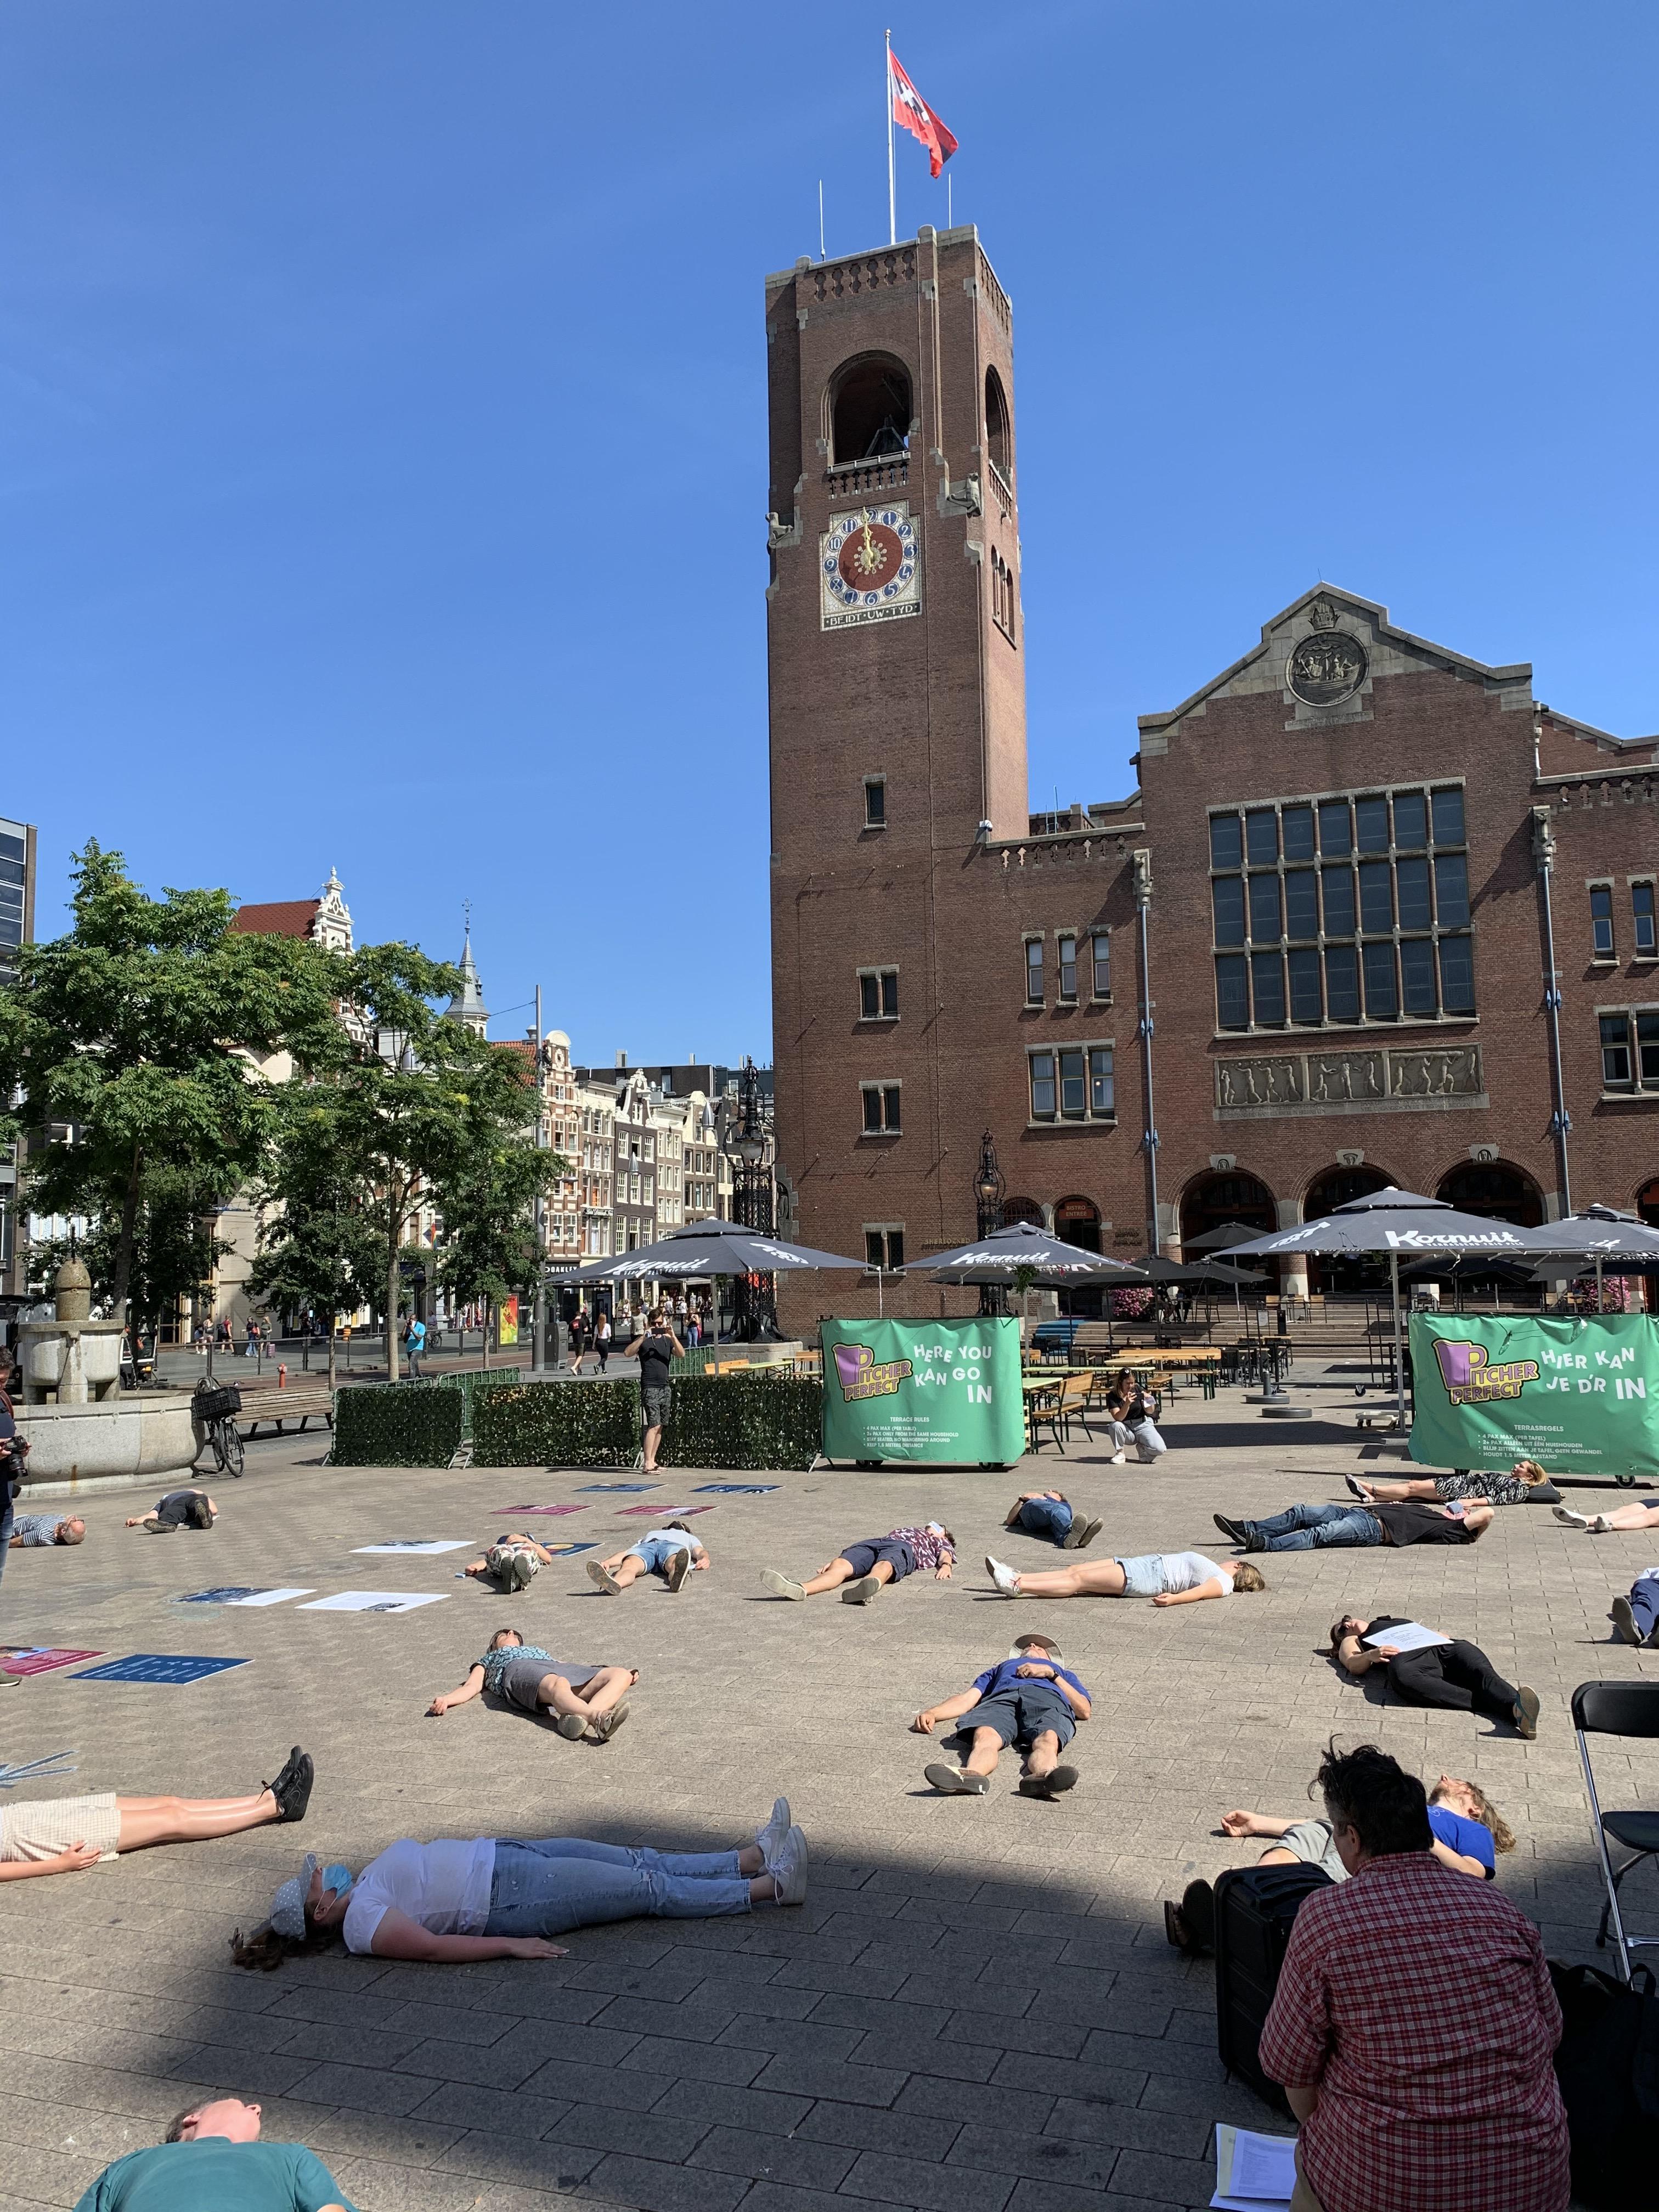 Coronatijd of is Hiroshima ver van mijn bed? Manifestatie tegen kernbom en herdenking Hiroshima op Beursplein gaat 'doodstil' voorbij